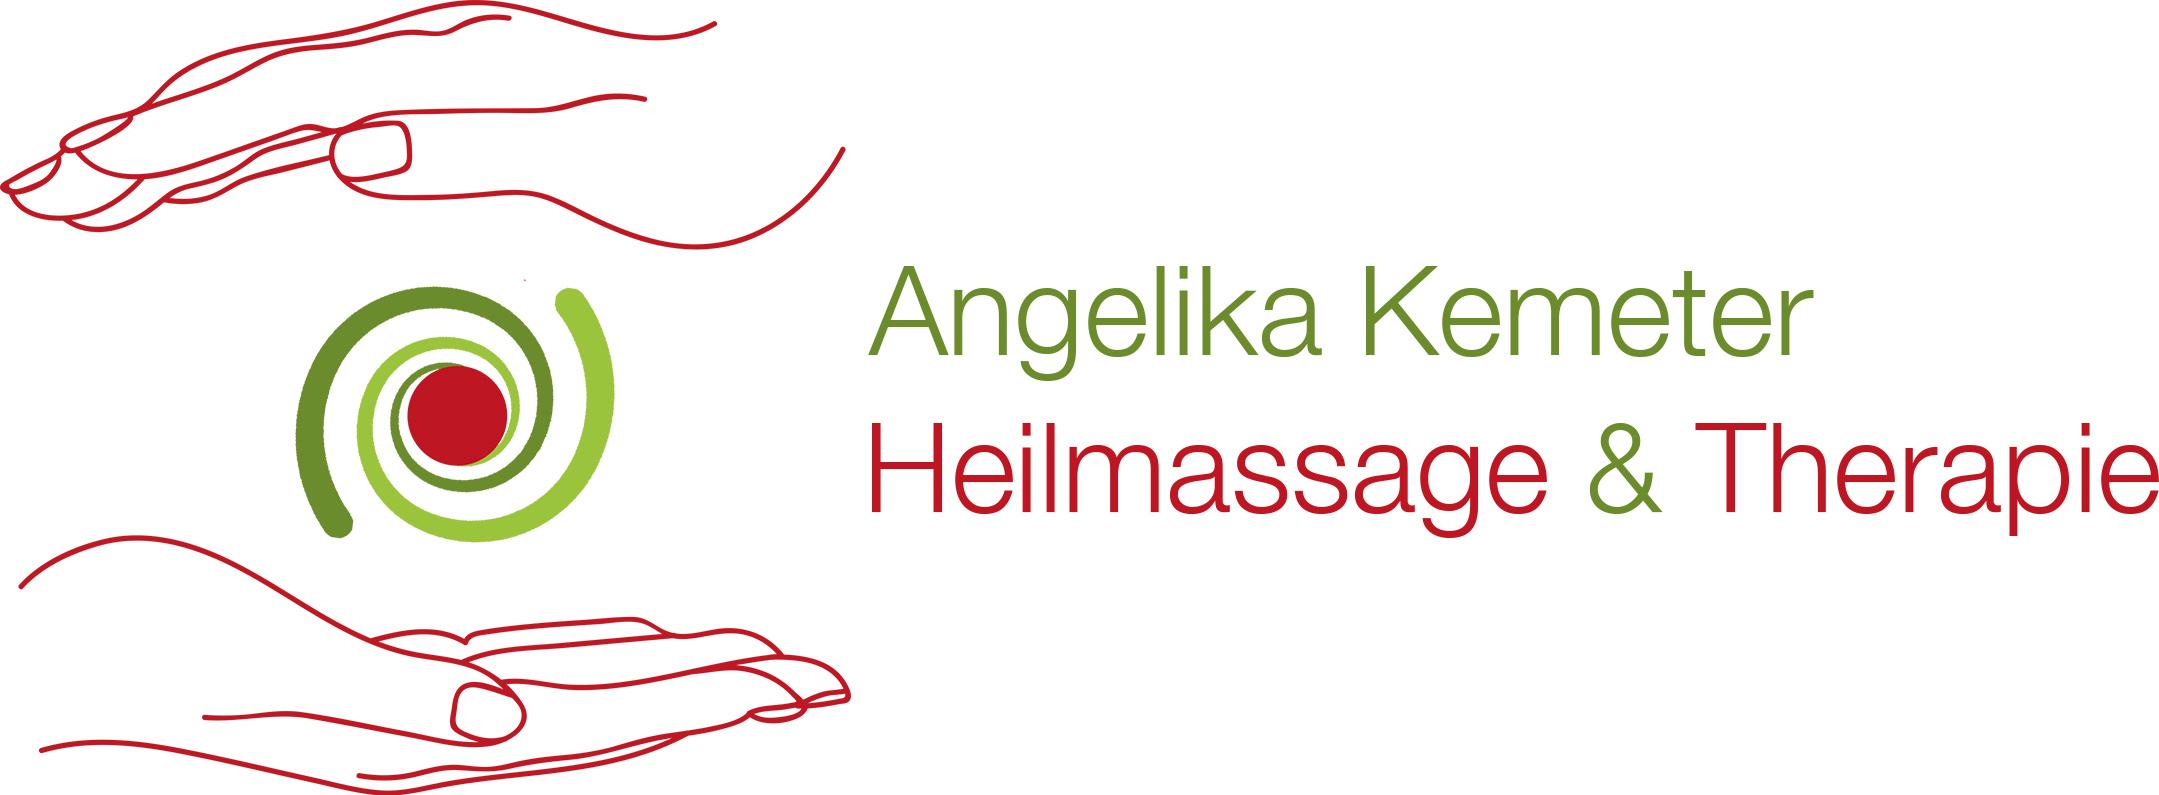 Angelika Kemeter Heilmassage und Therapie